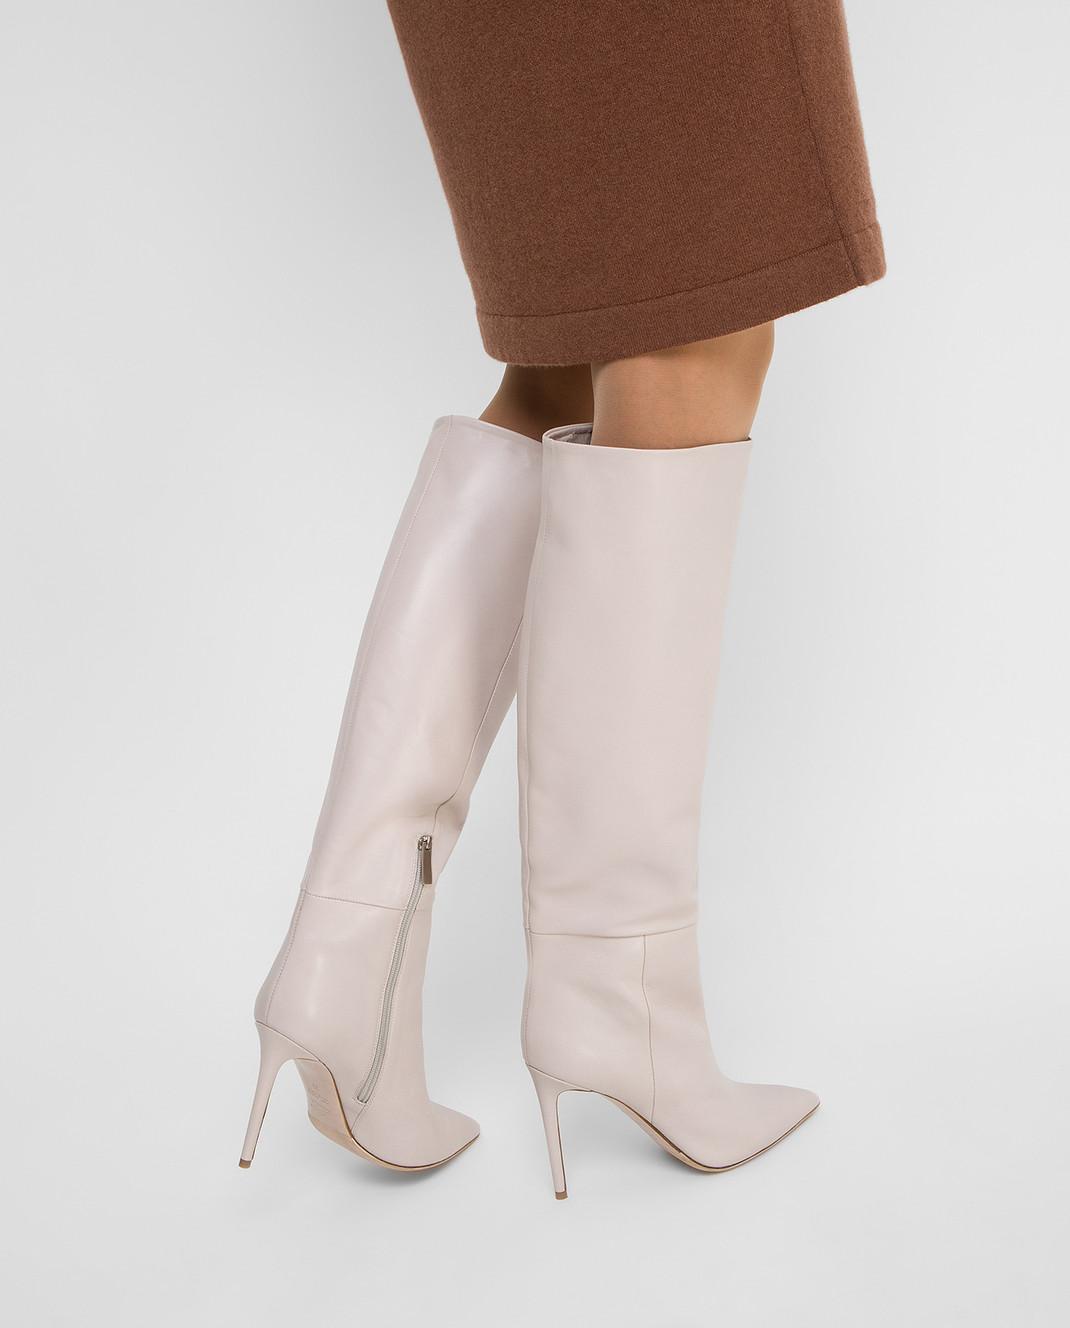 Babe Pay Pls Светло-бежевые кожаные сапоги изображение 2